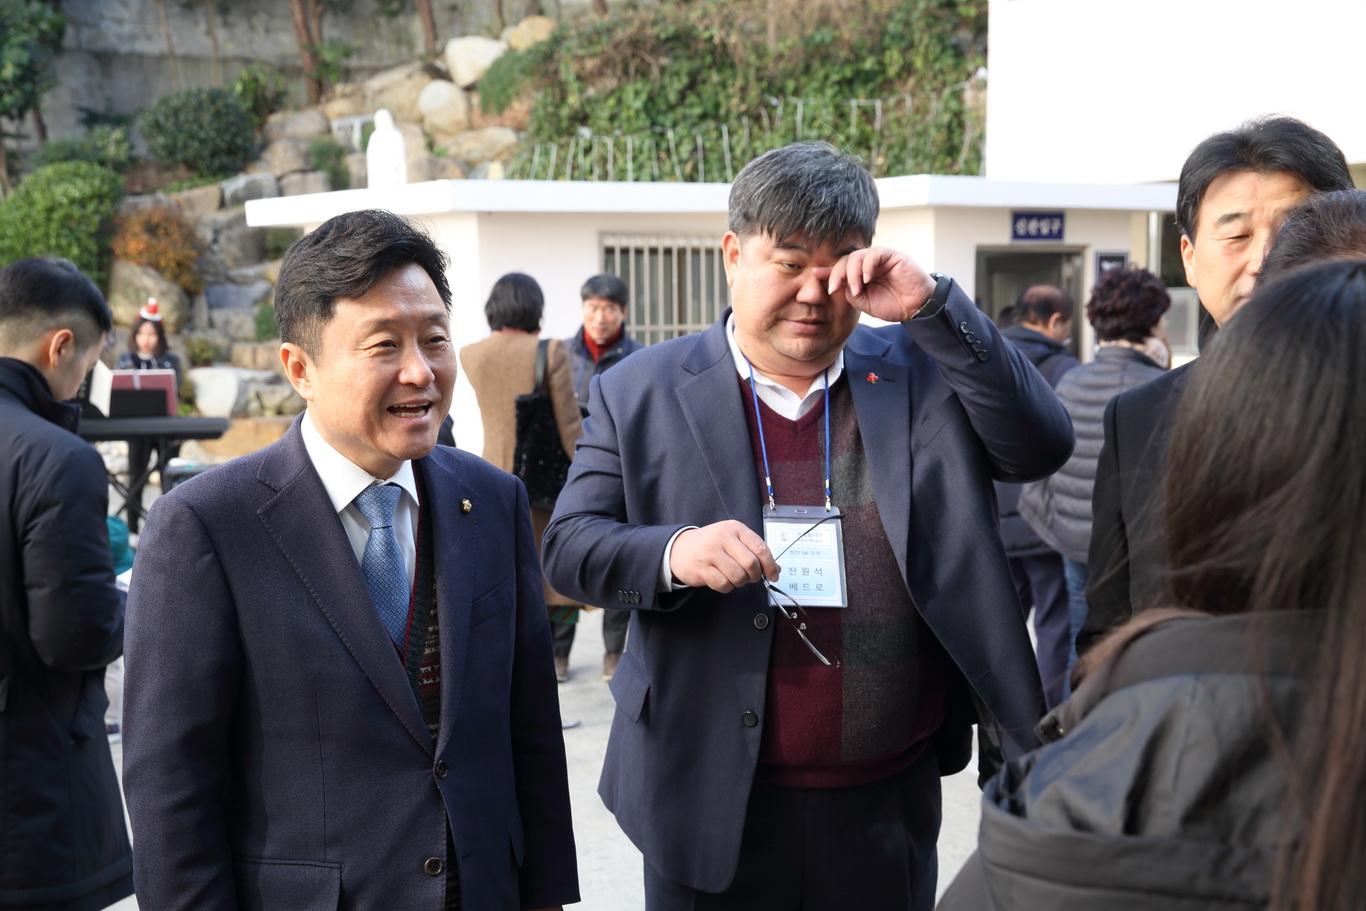 2019-12-25 성탄 대축일 (082)_크기변경.JPG